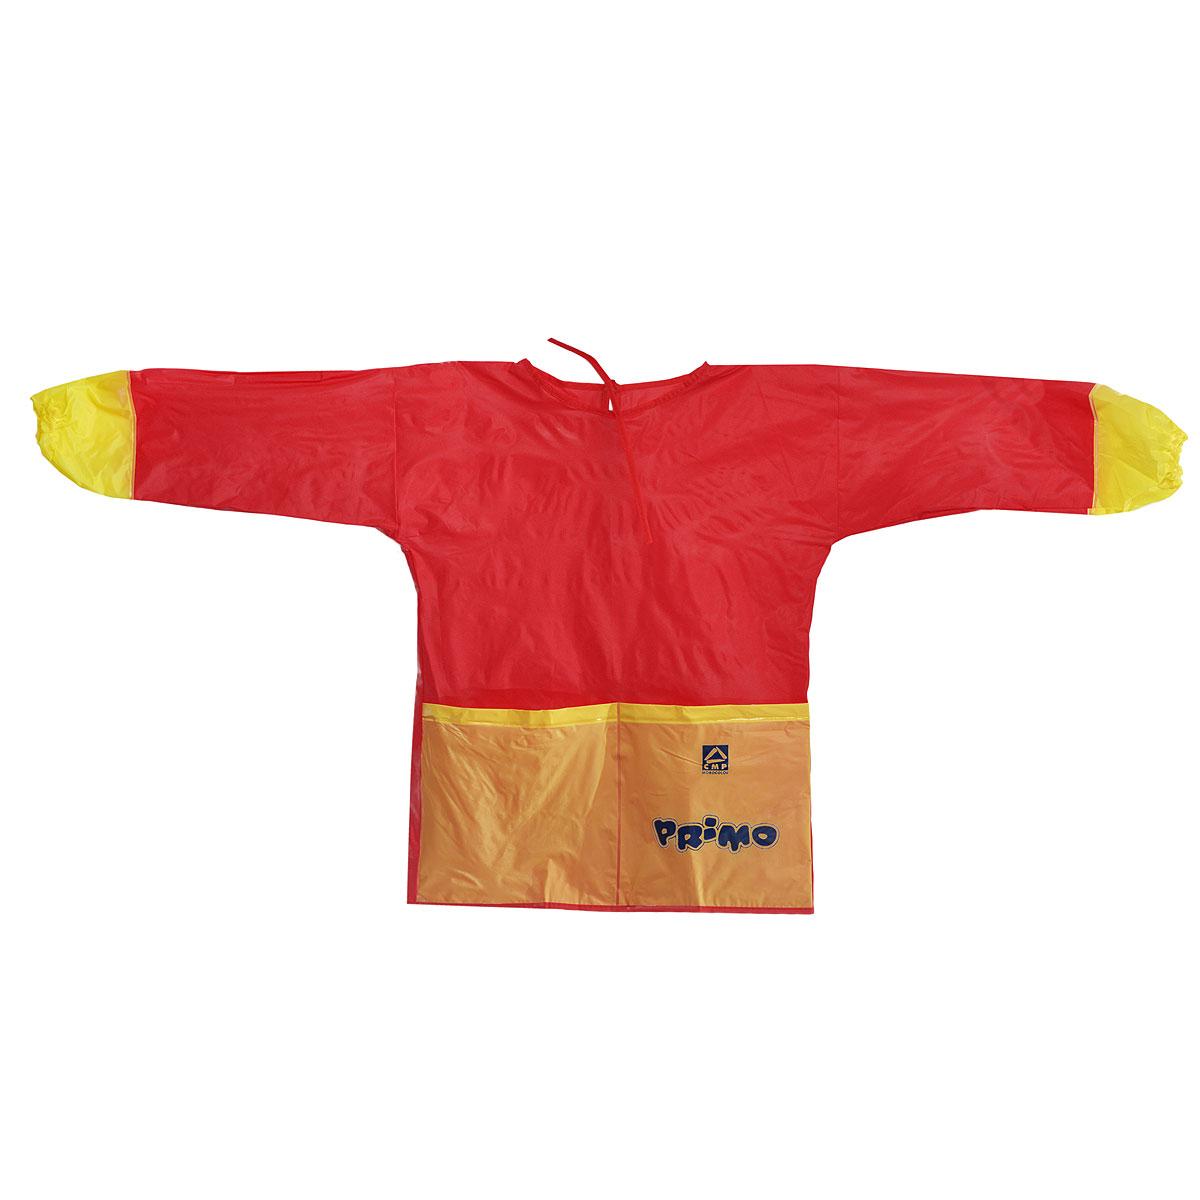 Фартук детский для творчества Primo, с длинными рукавами, размер S (2-5 лет)219GREMBДетский фартук Primo с рукавами будет полезен вашему ребенку во время занятия творчеством. Фартук выполнен из яркого ПВХ, имеет два вместительных кармана, сзади завязывается на веревочки. С таким фартуком одежда и руки вашего малыша будут всегда оставаться чистыми. Ребенок сможет смело рисовать, не боясь испачкать руки о свой шедевр, лепить из пластилина и многое другое. Рекомендуемый возраст: от 2 до 5 лет.